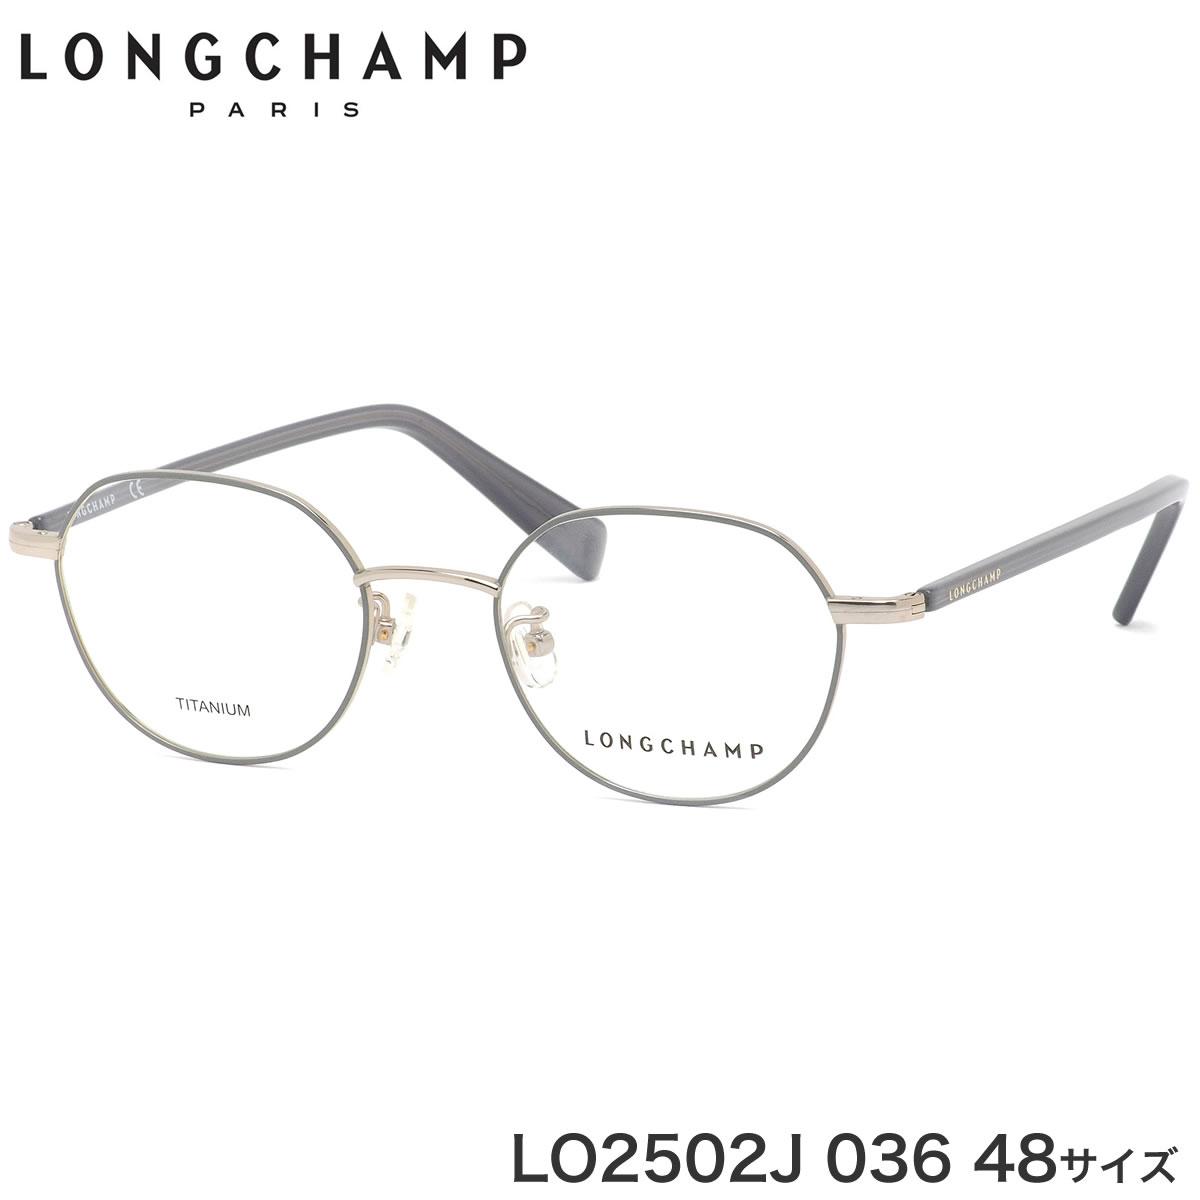 ロンシャン LONGCHAMP メガネ LO2502J 036 48サイズ クラウンパント グレー ボストン 軽い 軽量 かわいい おしゃれ レディースモデル